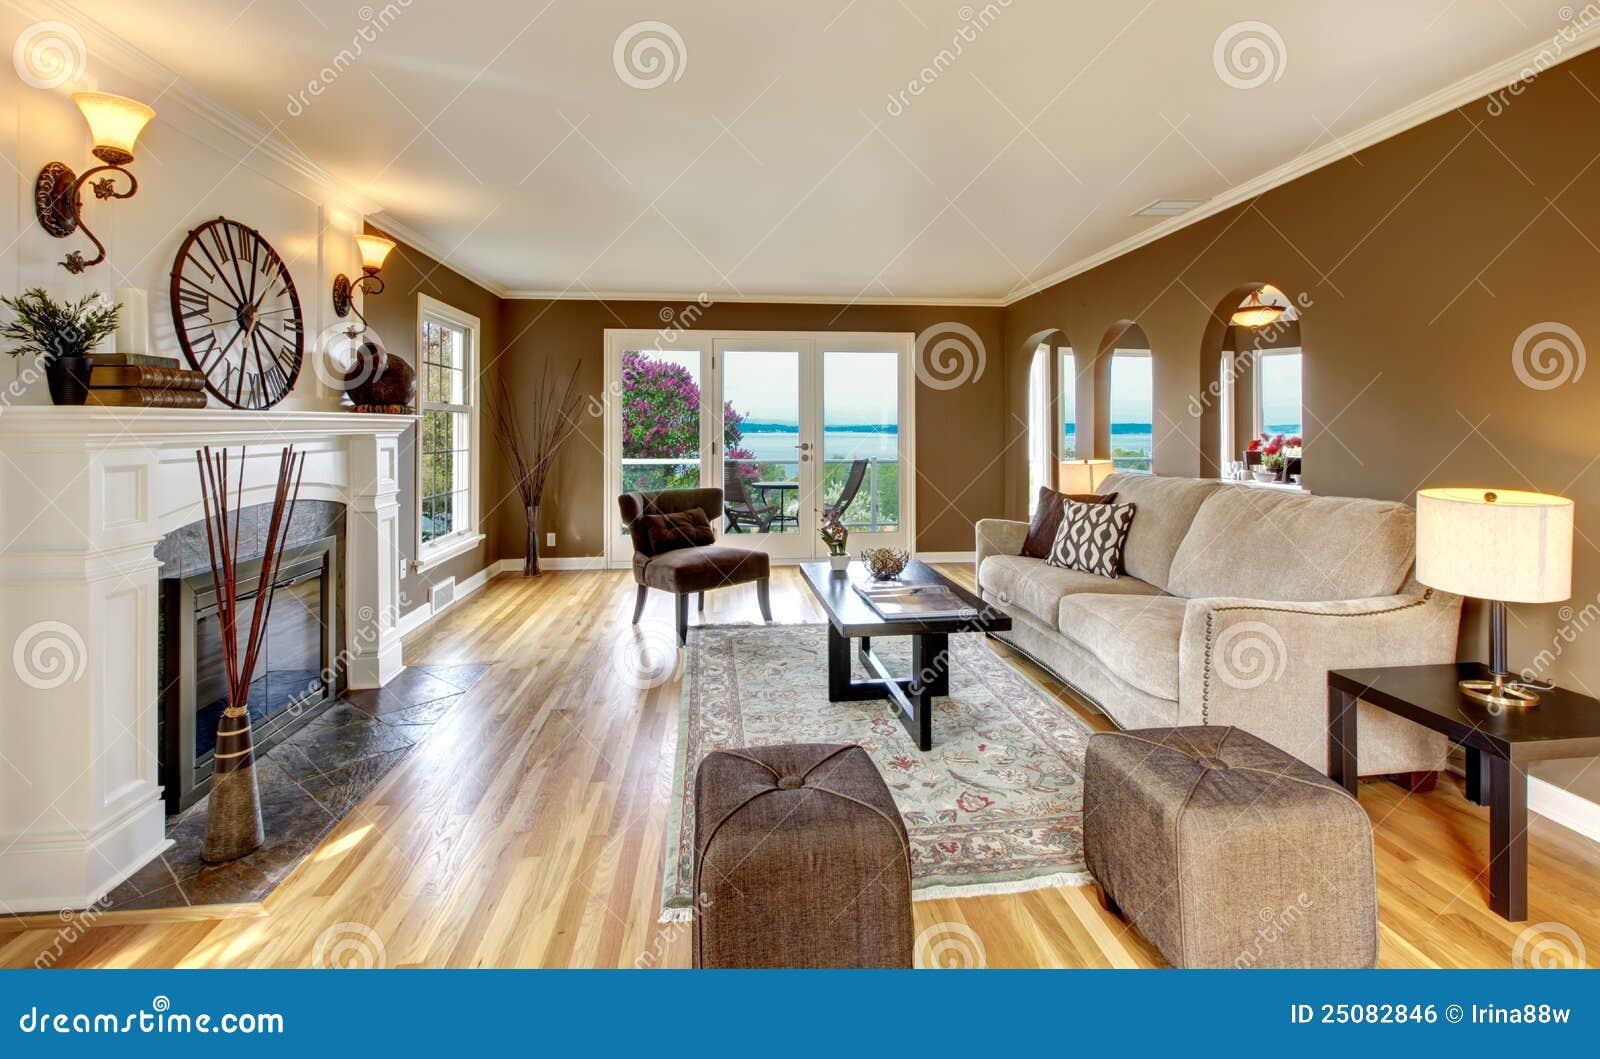 Klassisches Braunes Wohnzimmer Mit Weissem Kamin Lizenzfreies